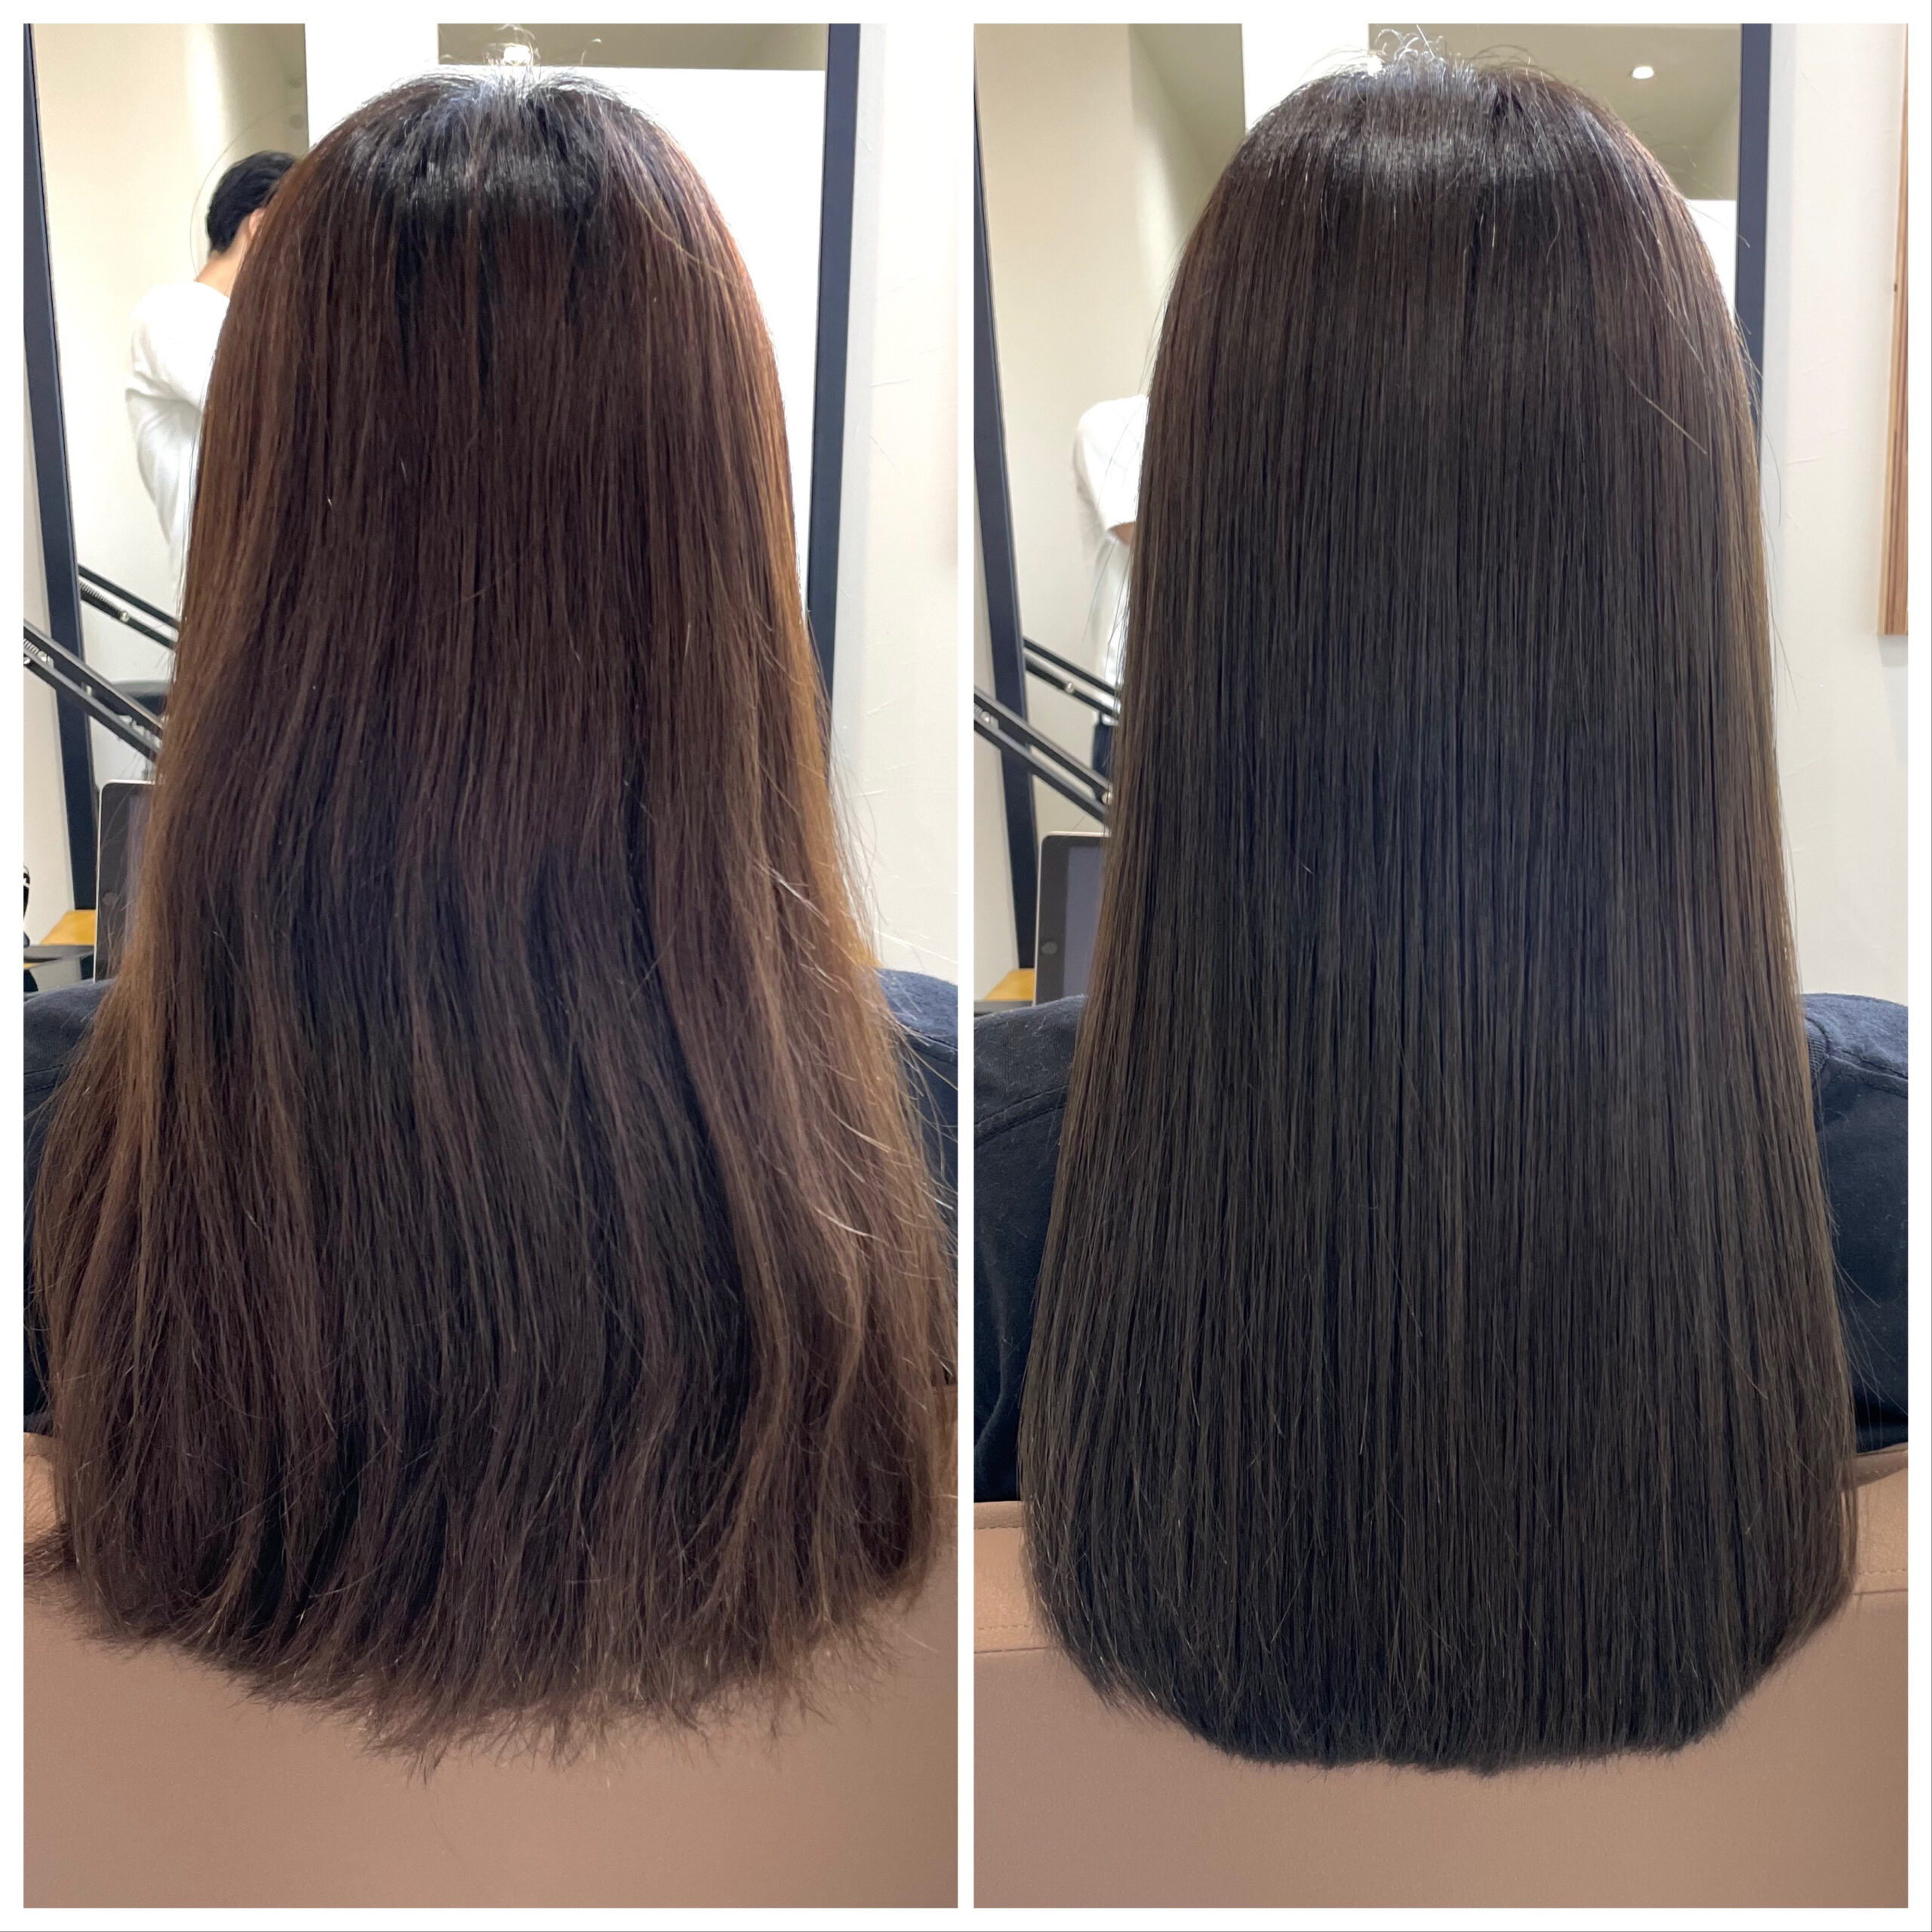 大分県別府市 髪質改善トリートメント&カラーで艶々な髪の毛 ビフォーアフター